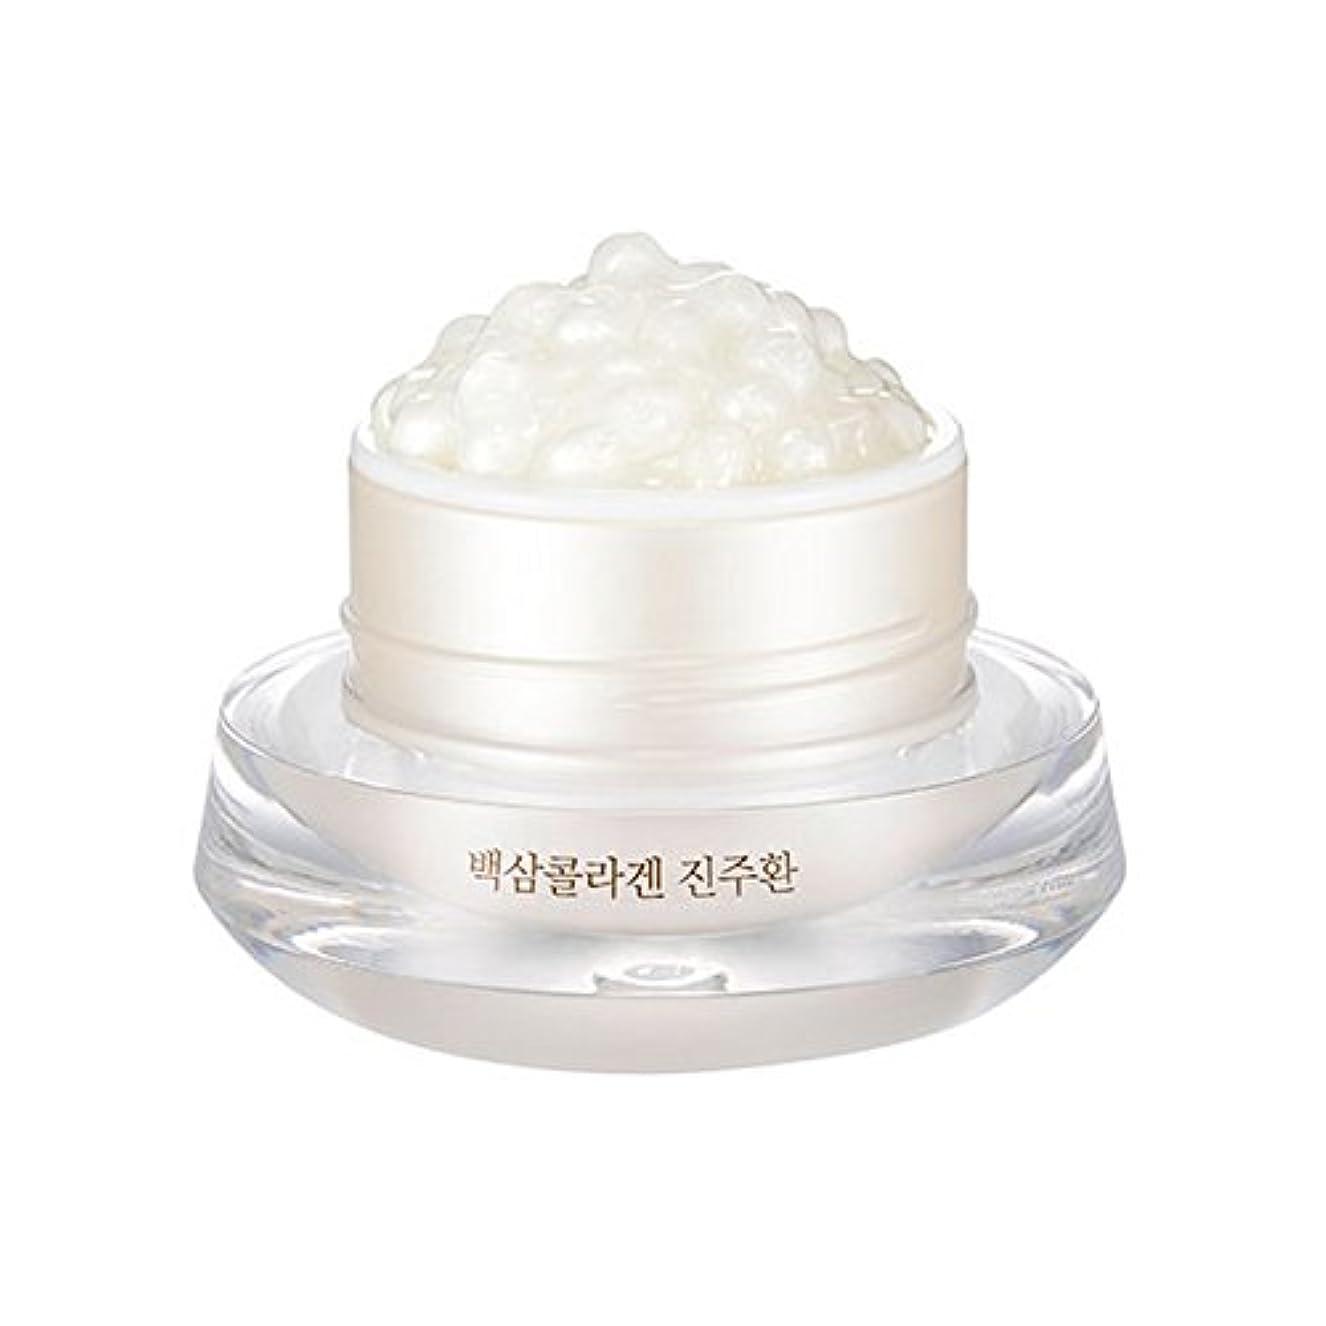 [ザ?フェイスショップ] The Face Shop 白参 コラーゲン パール カプセルクリーム White Ginseng Collagen Pearl Capsule Cream [並行輸入品]